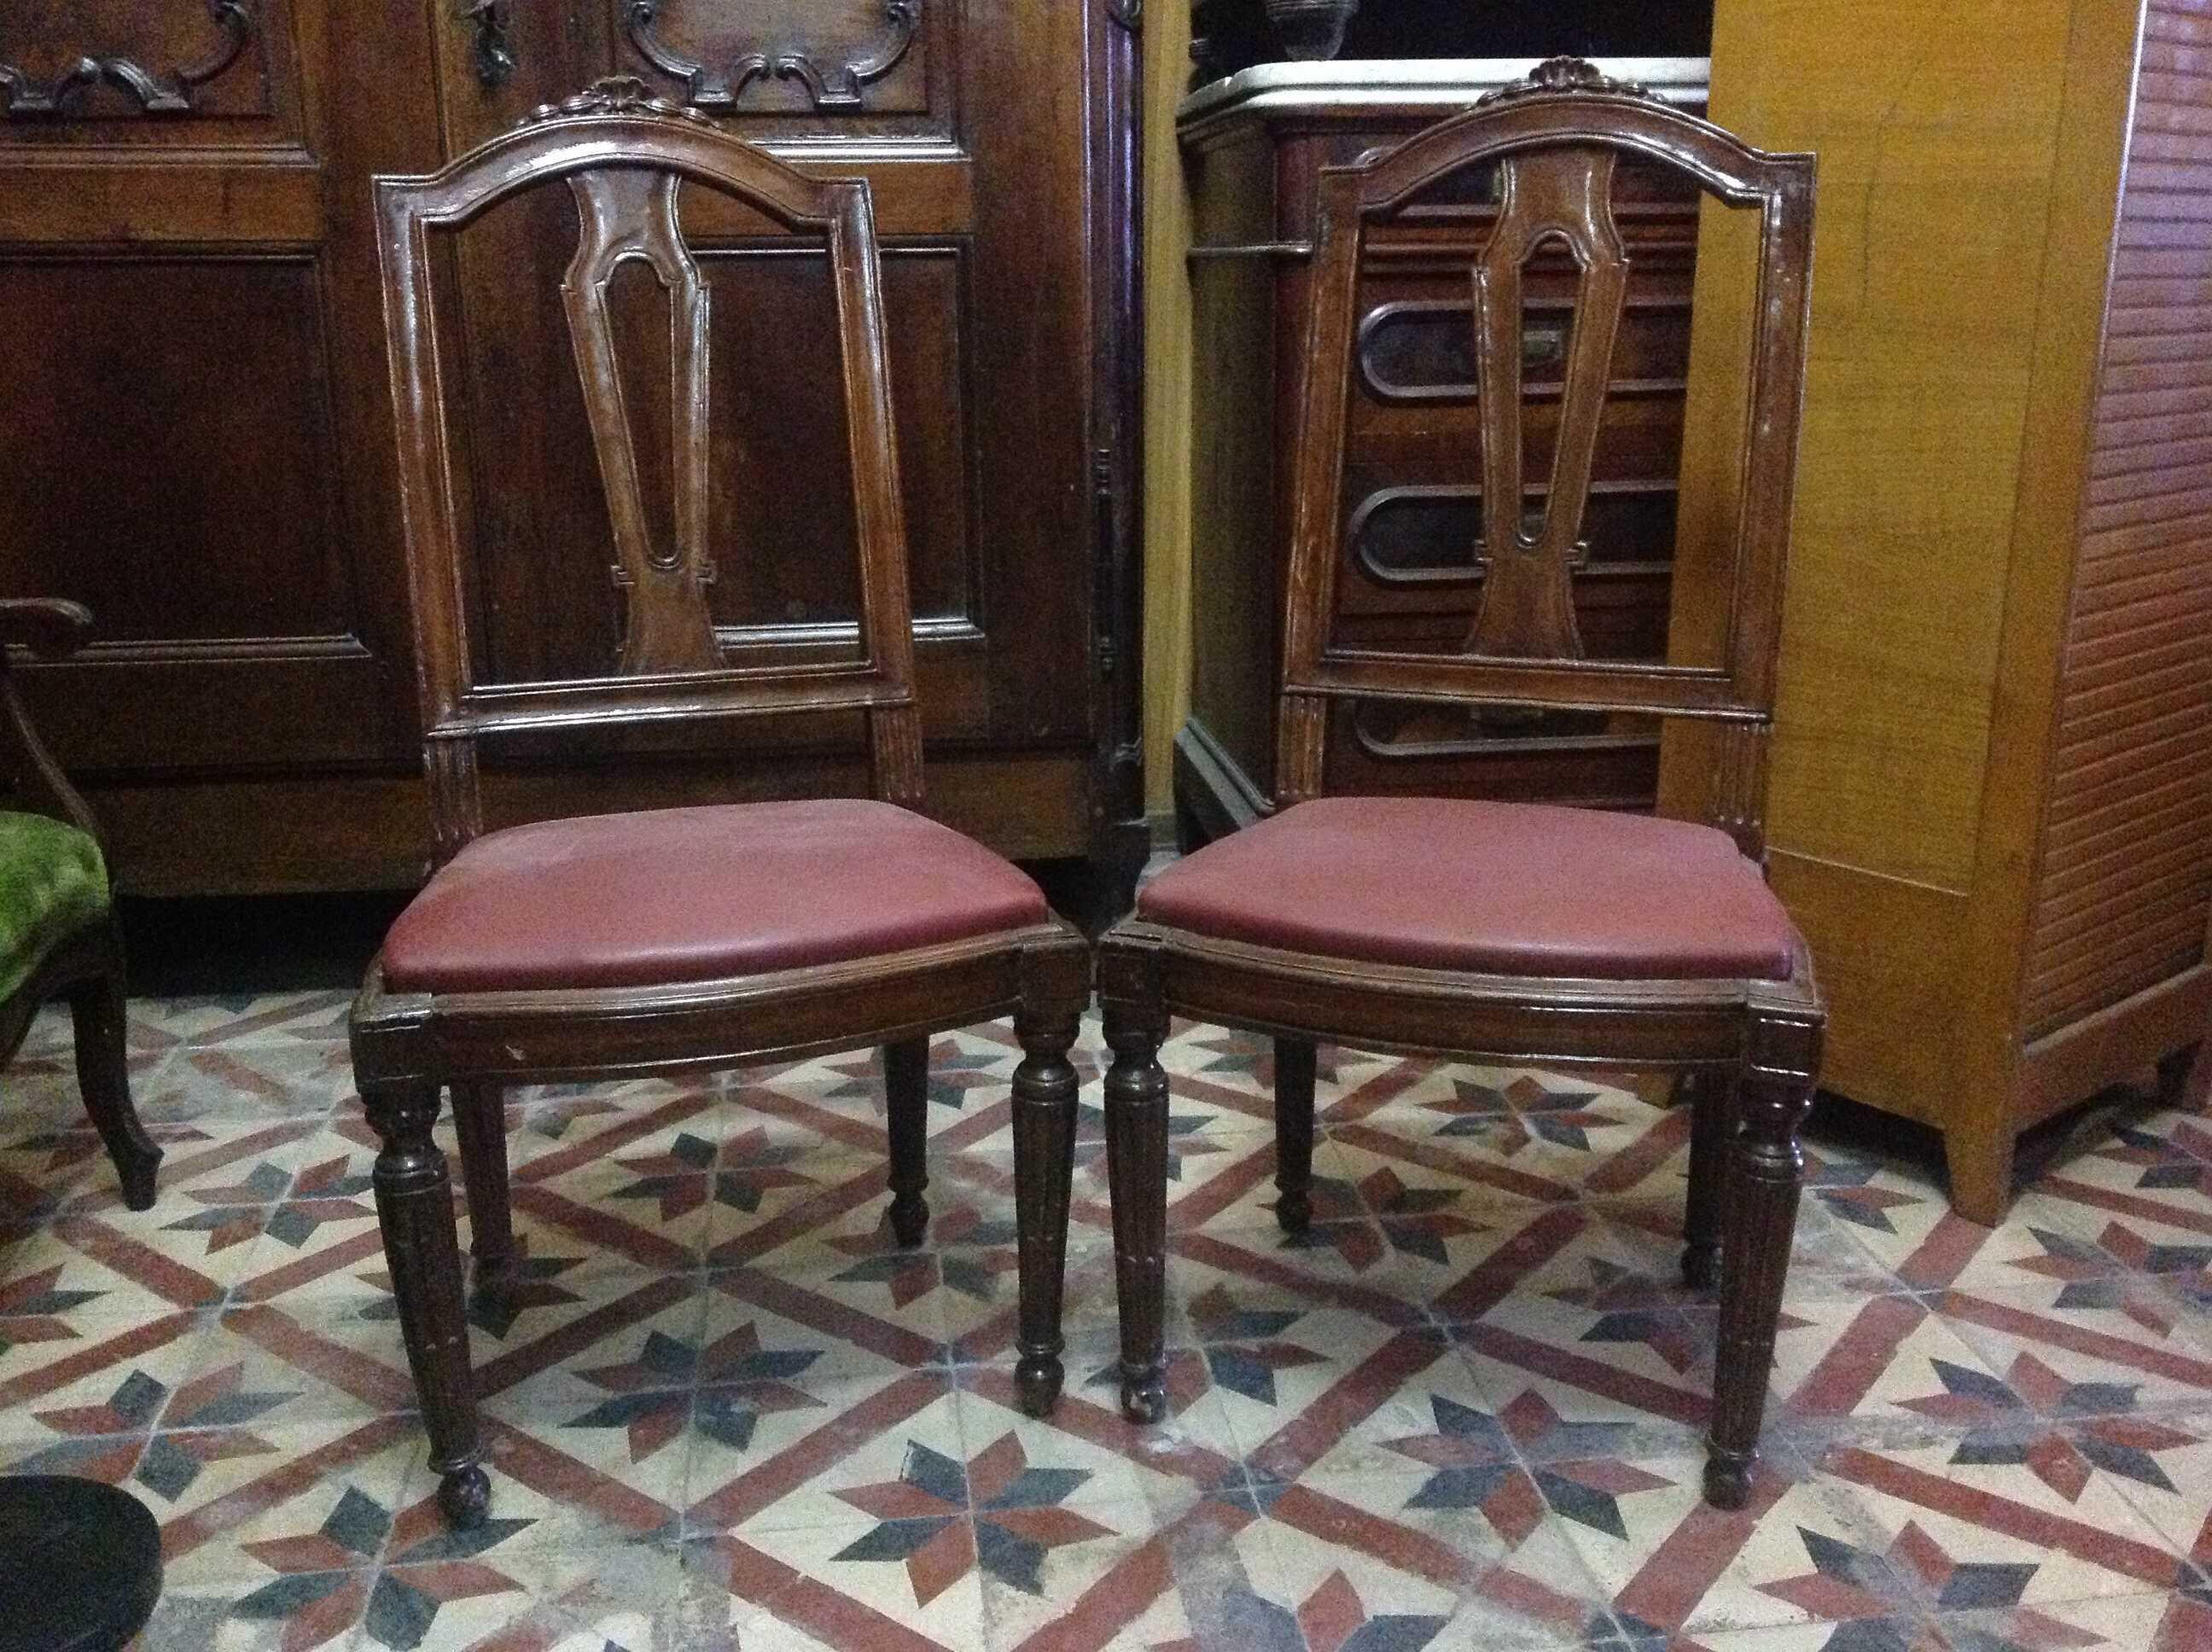 Sedie luigi xvi arredamento mobili antiquariato musetti for Arredamento luigi xvi